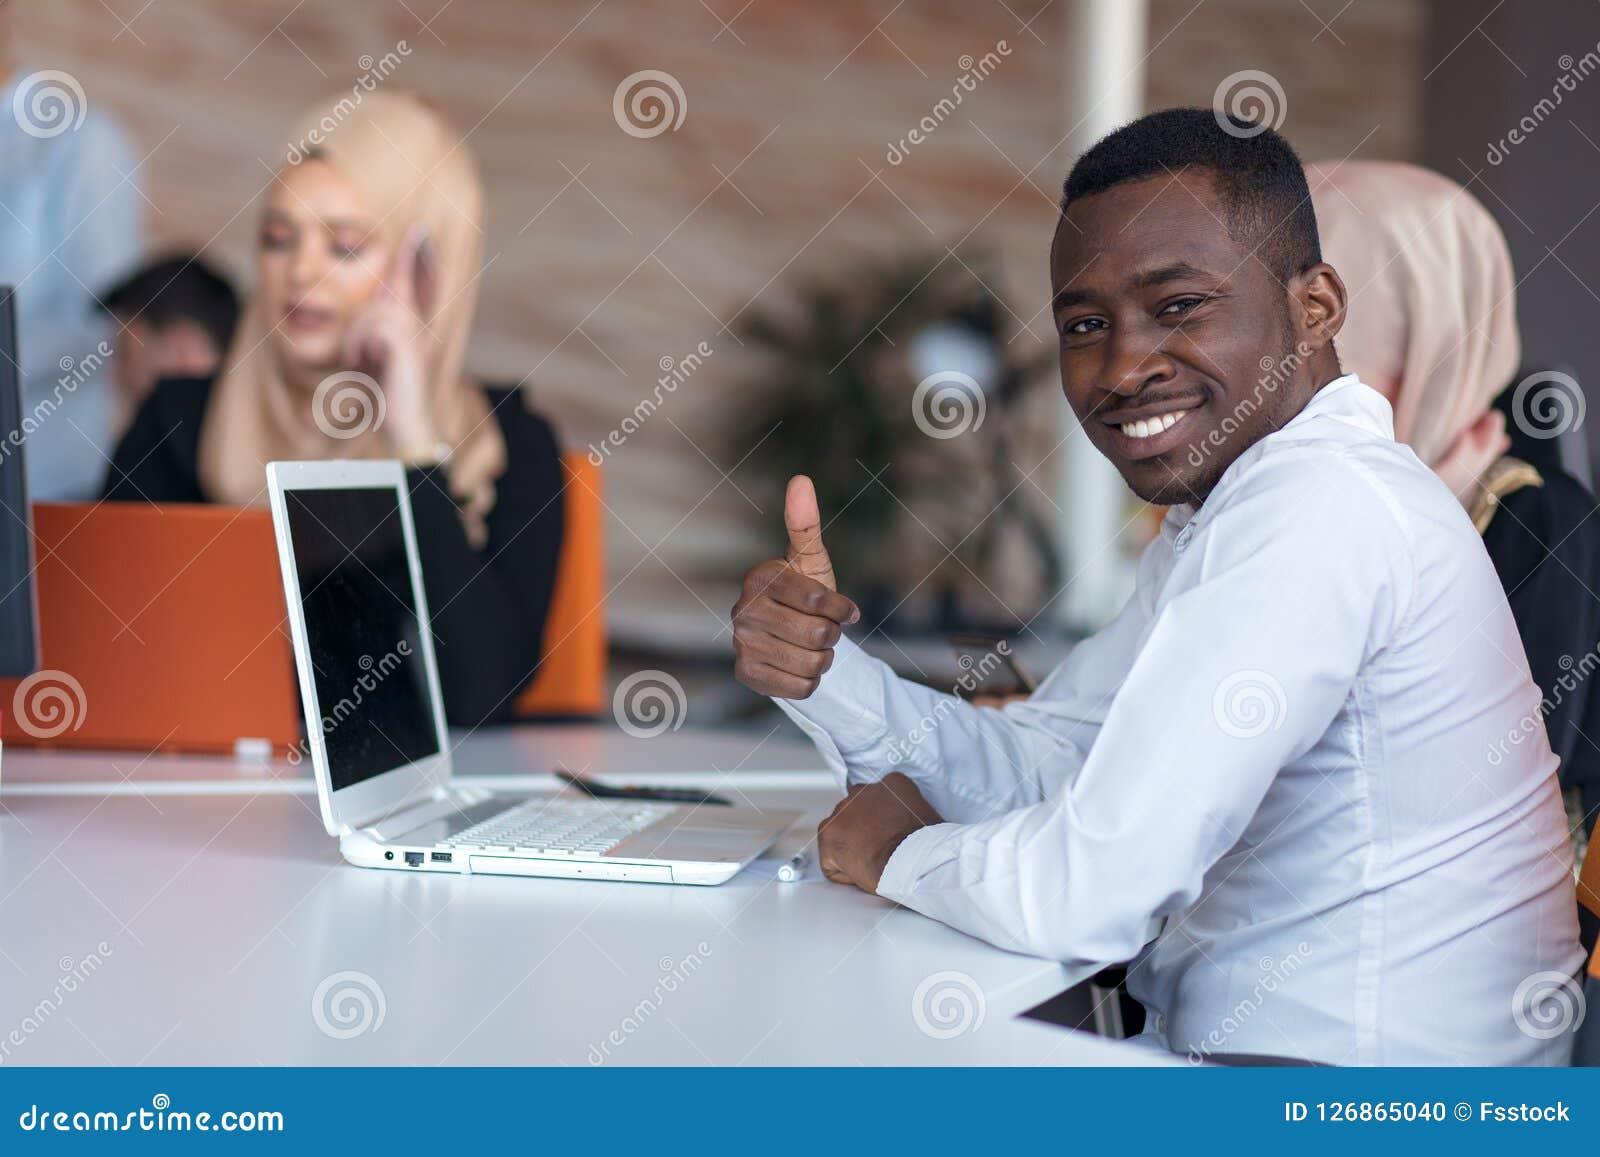 Det Startup affärsfolket grupperar funktionsdugligt dagligt jobb på det moderna kontoret Techkontor, techföretag, techstart, tech